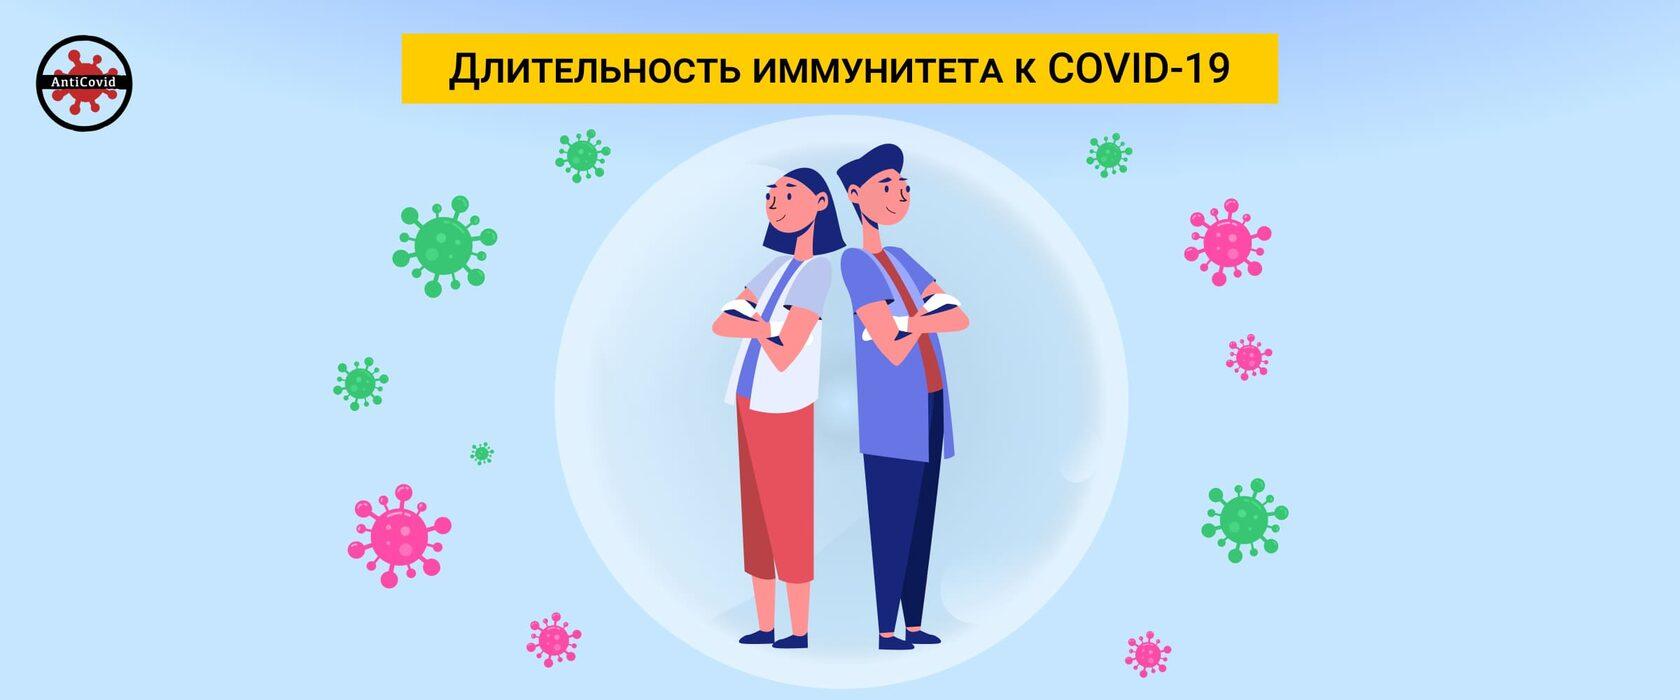 Длительность иммунитета к COVID-19